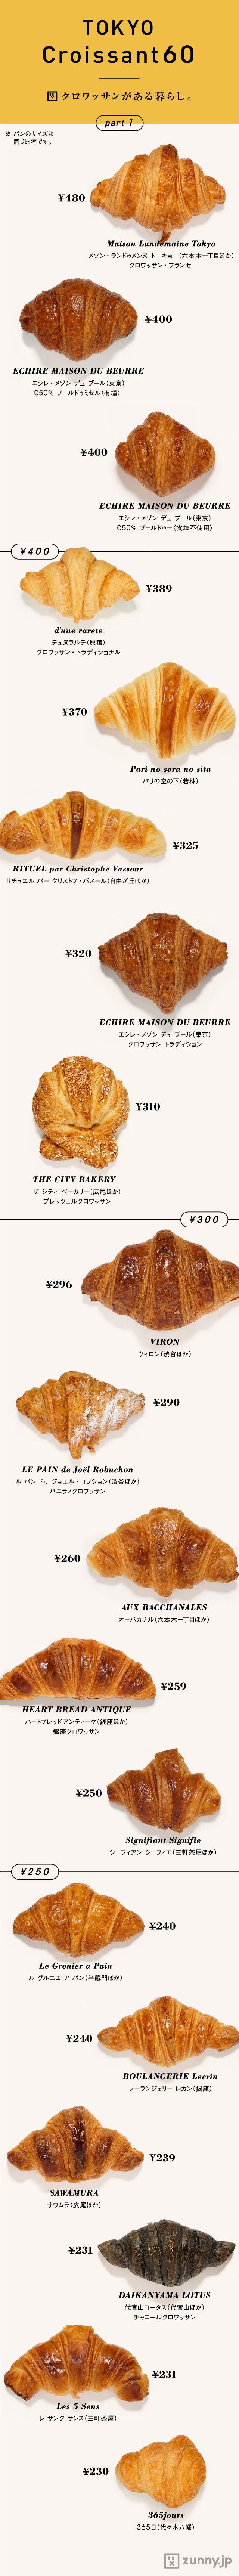 最高の「サクッ」を求めて…東京美味クロワッサン | ZUNNY インフォグラフィック・ニュース